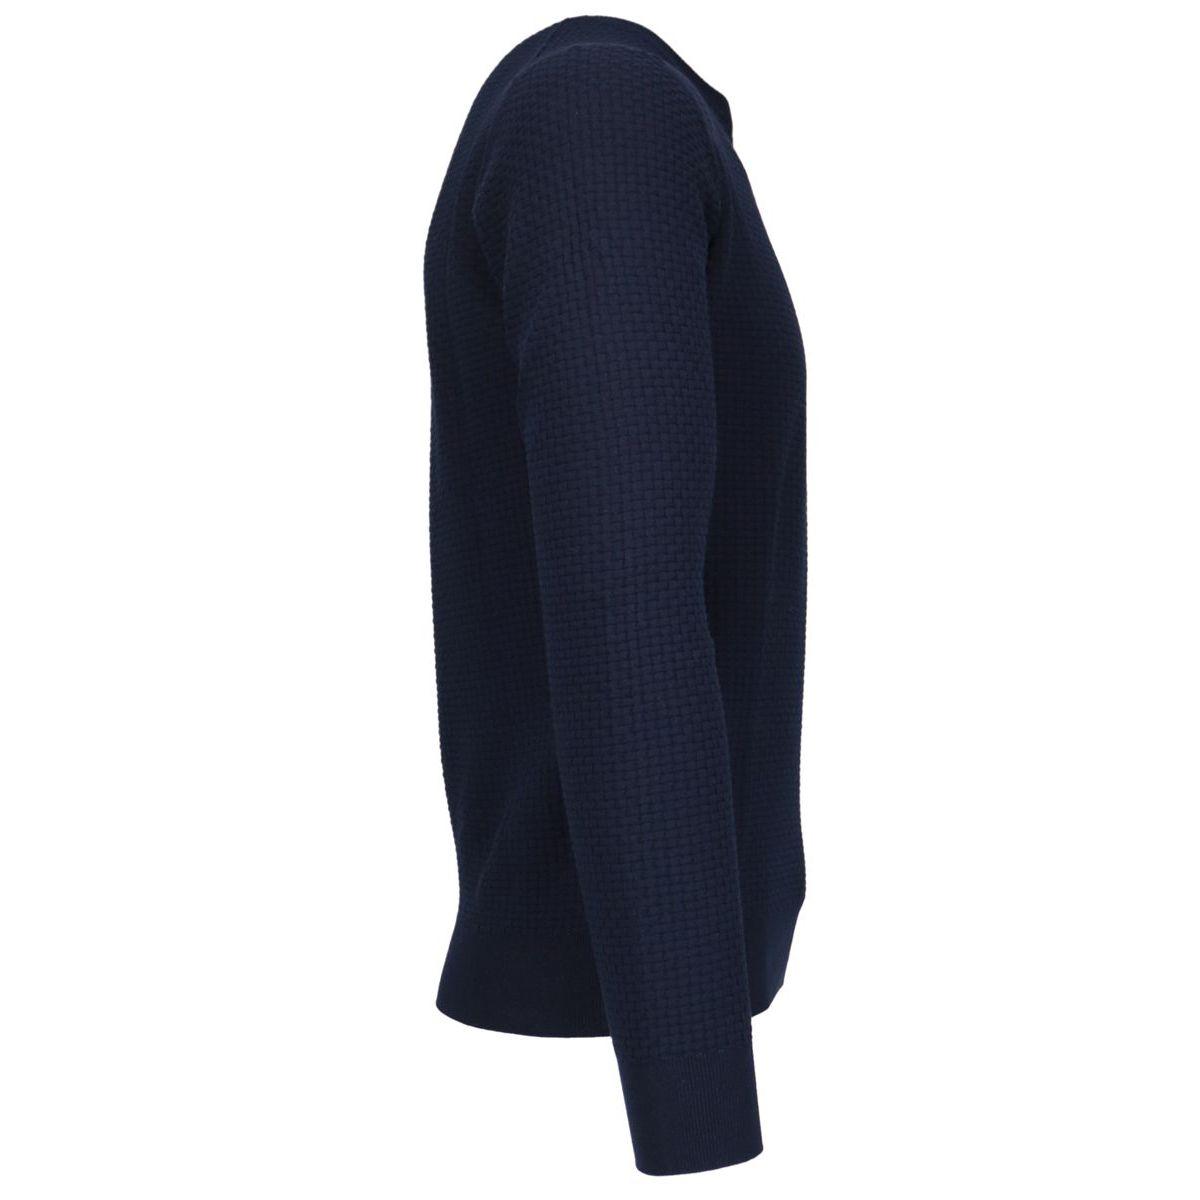 Crew-neck cotton pullover in textured cotton Navy Gran Sasso